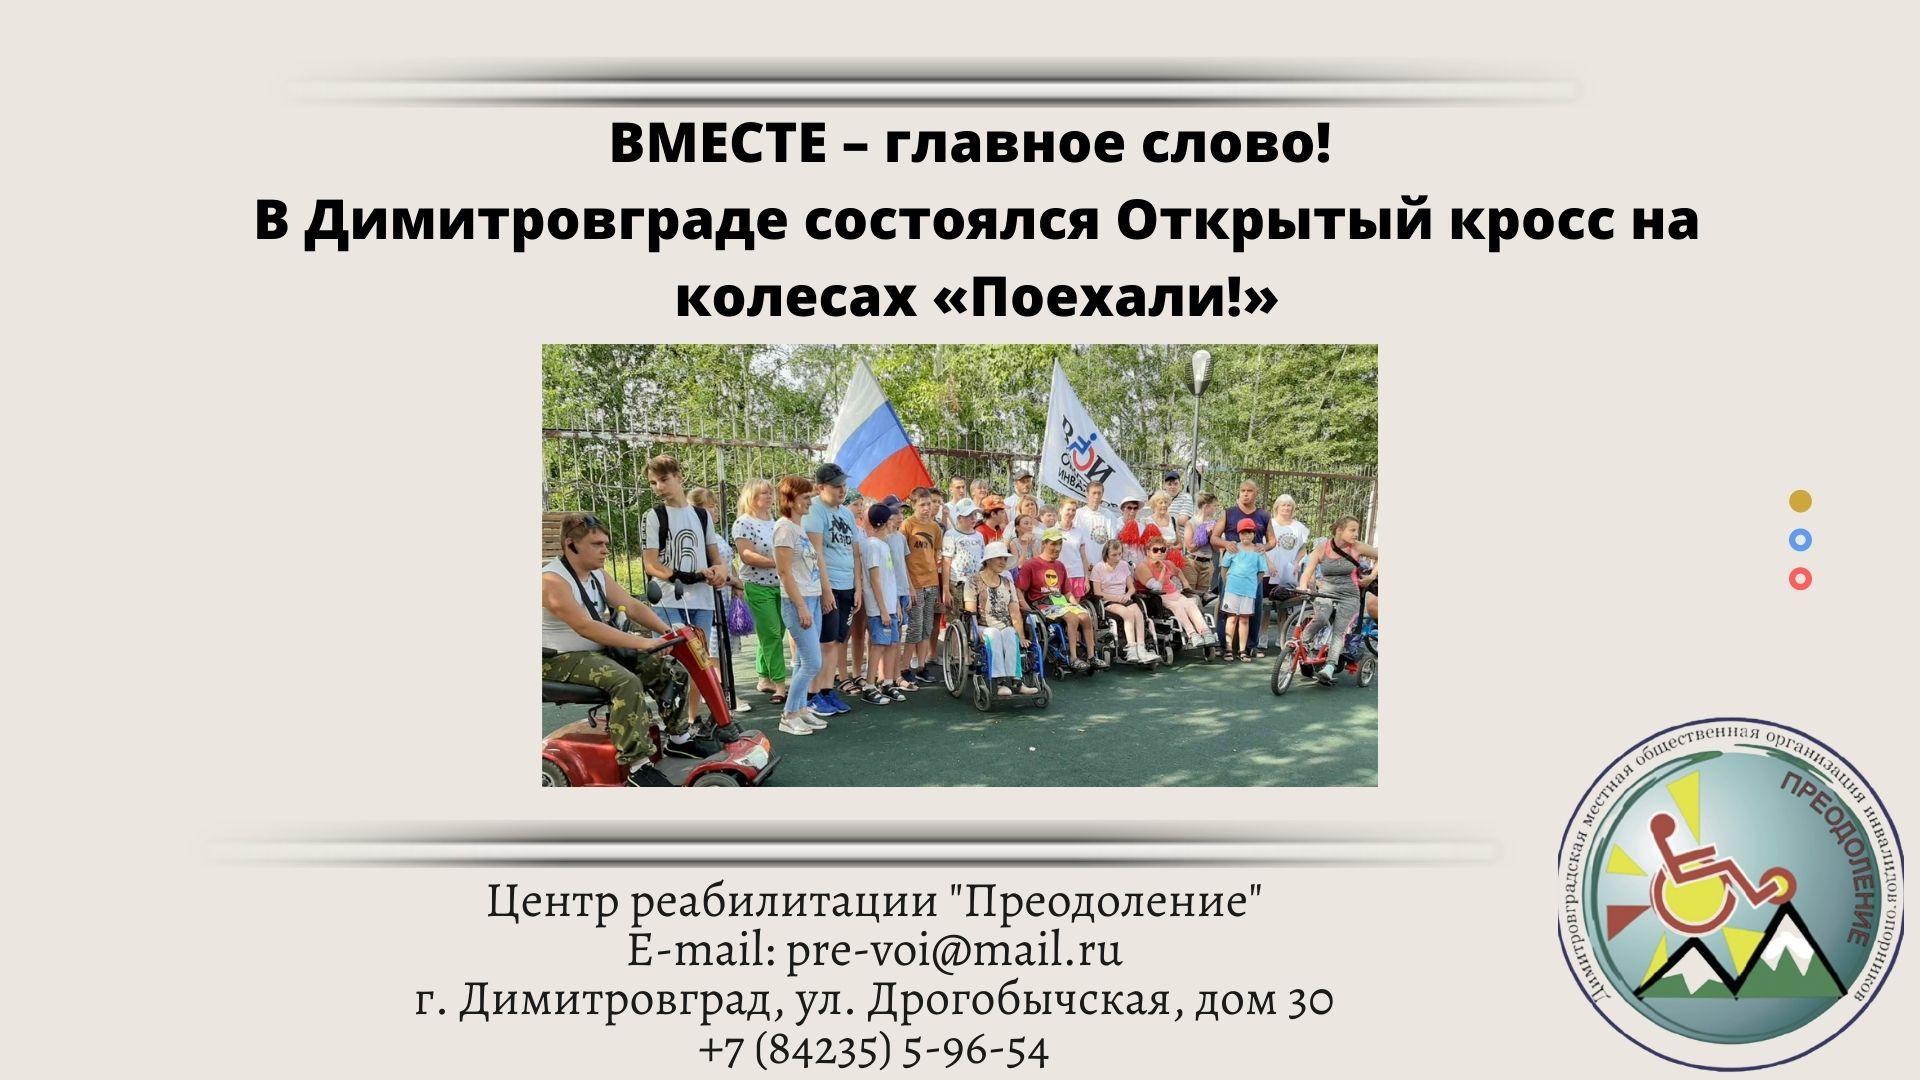 ВМЕСТЕ – главное слово! В Димитровграде состоялся Открытый кросс на колесах «Поехали!»